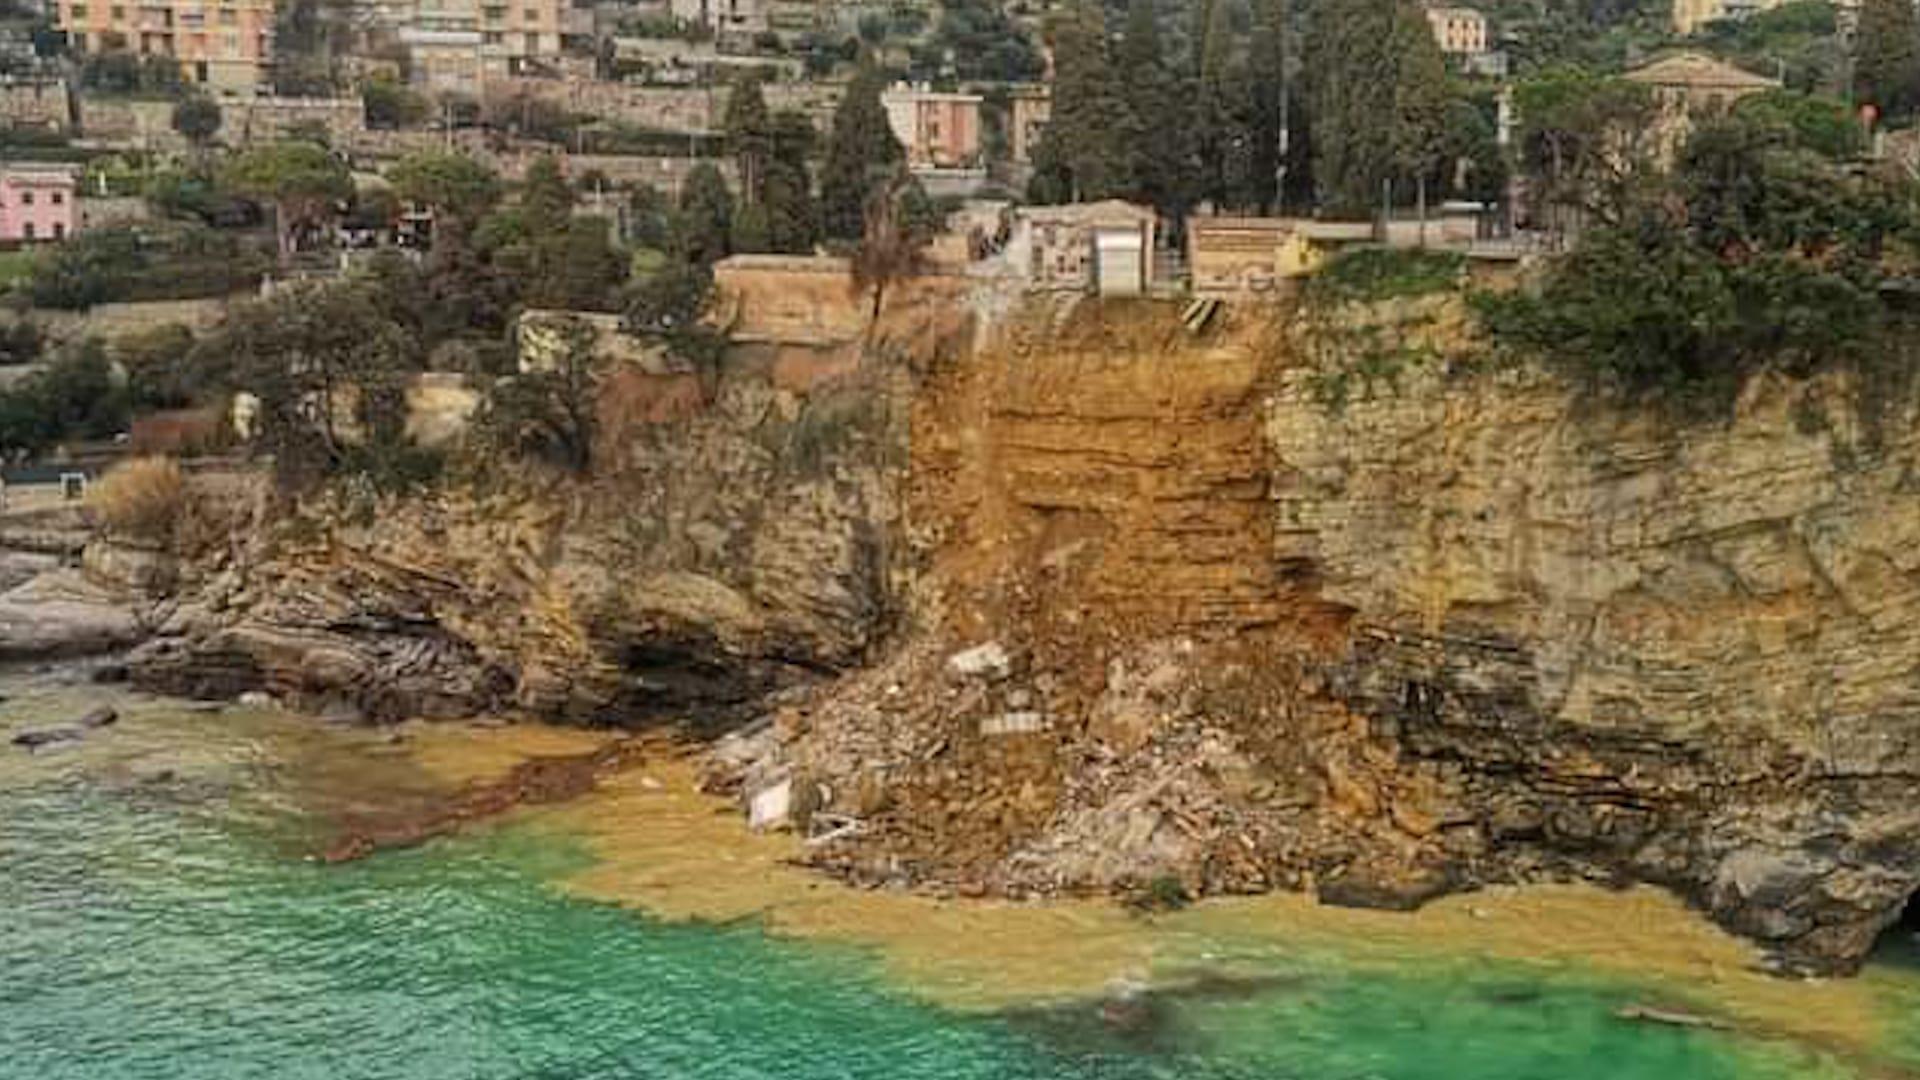 Italie: Un Cimetière S'Effondre Dans La Mer, Environ 200 Cercueils À L'Eau